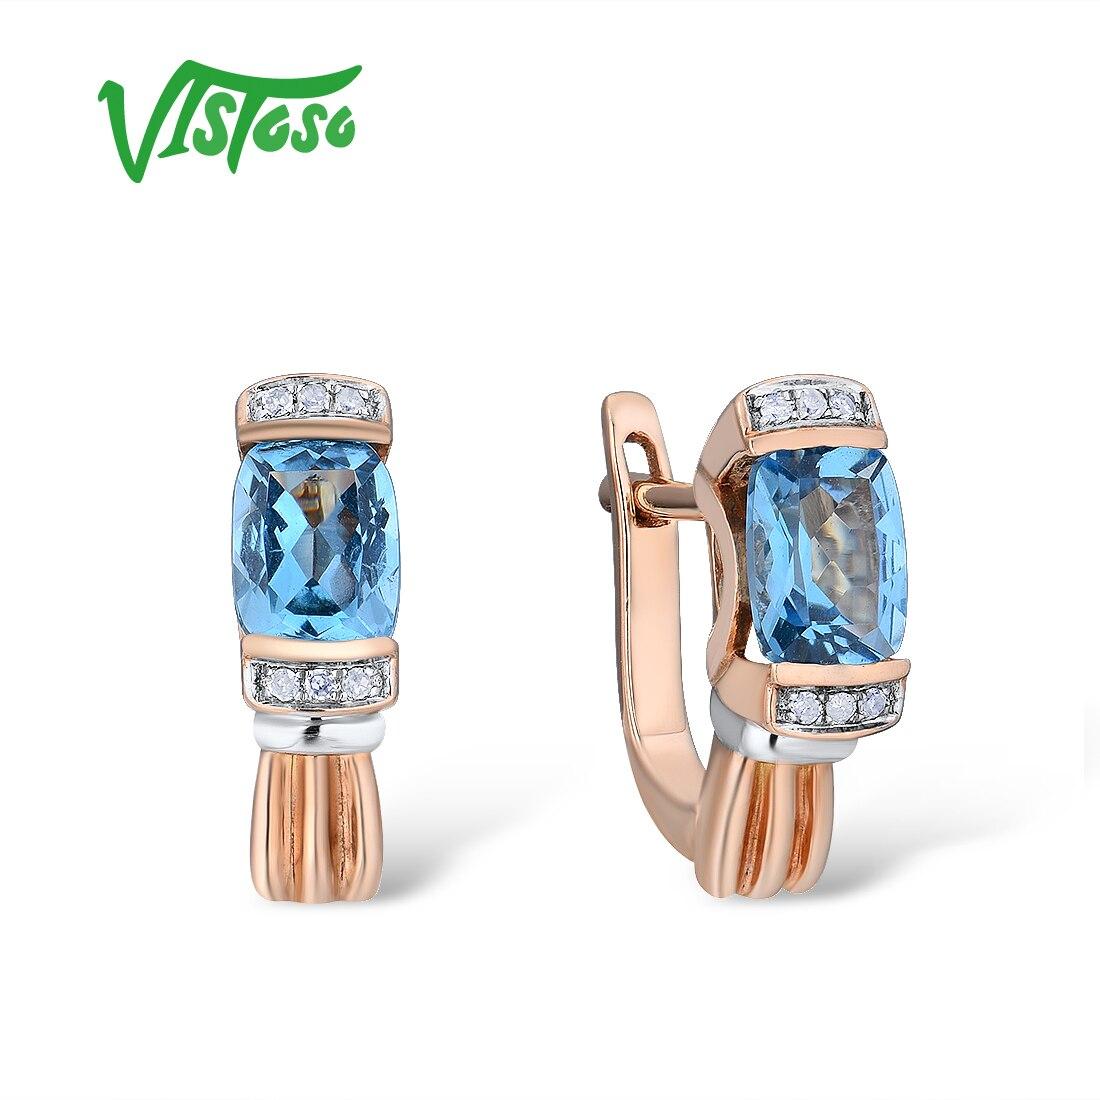 Boucles d'oreilles VISTOSO or pour femmes 14K 585 or Rose étincelant luxe diamant bleu topaze mariage fiançailles Fine bijoux